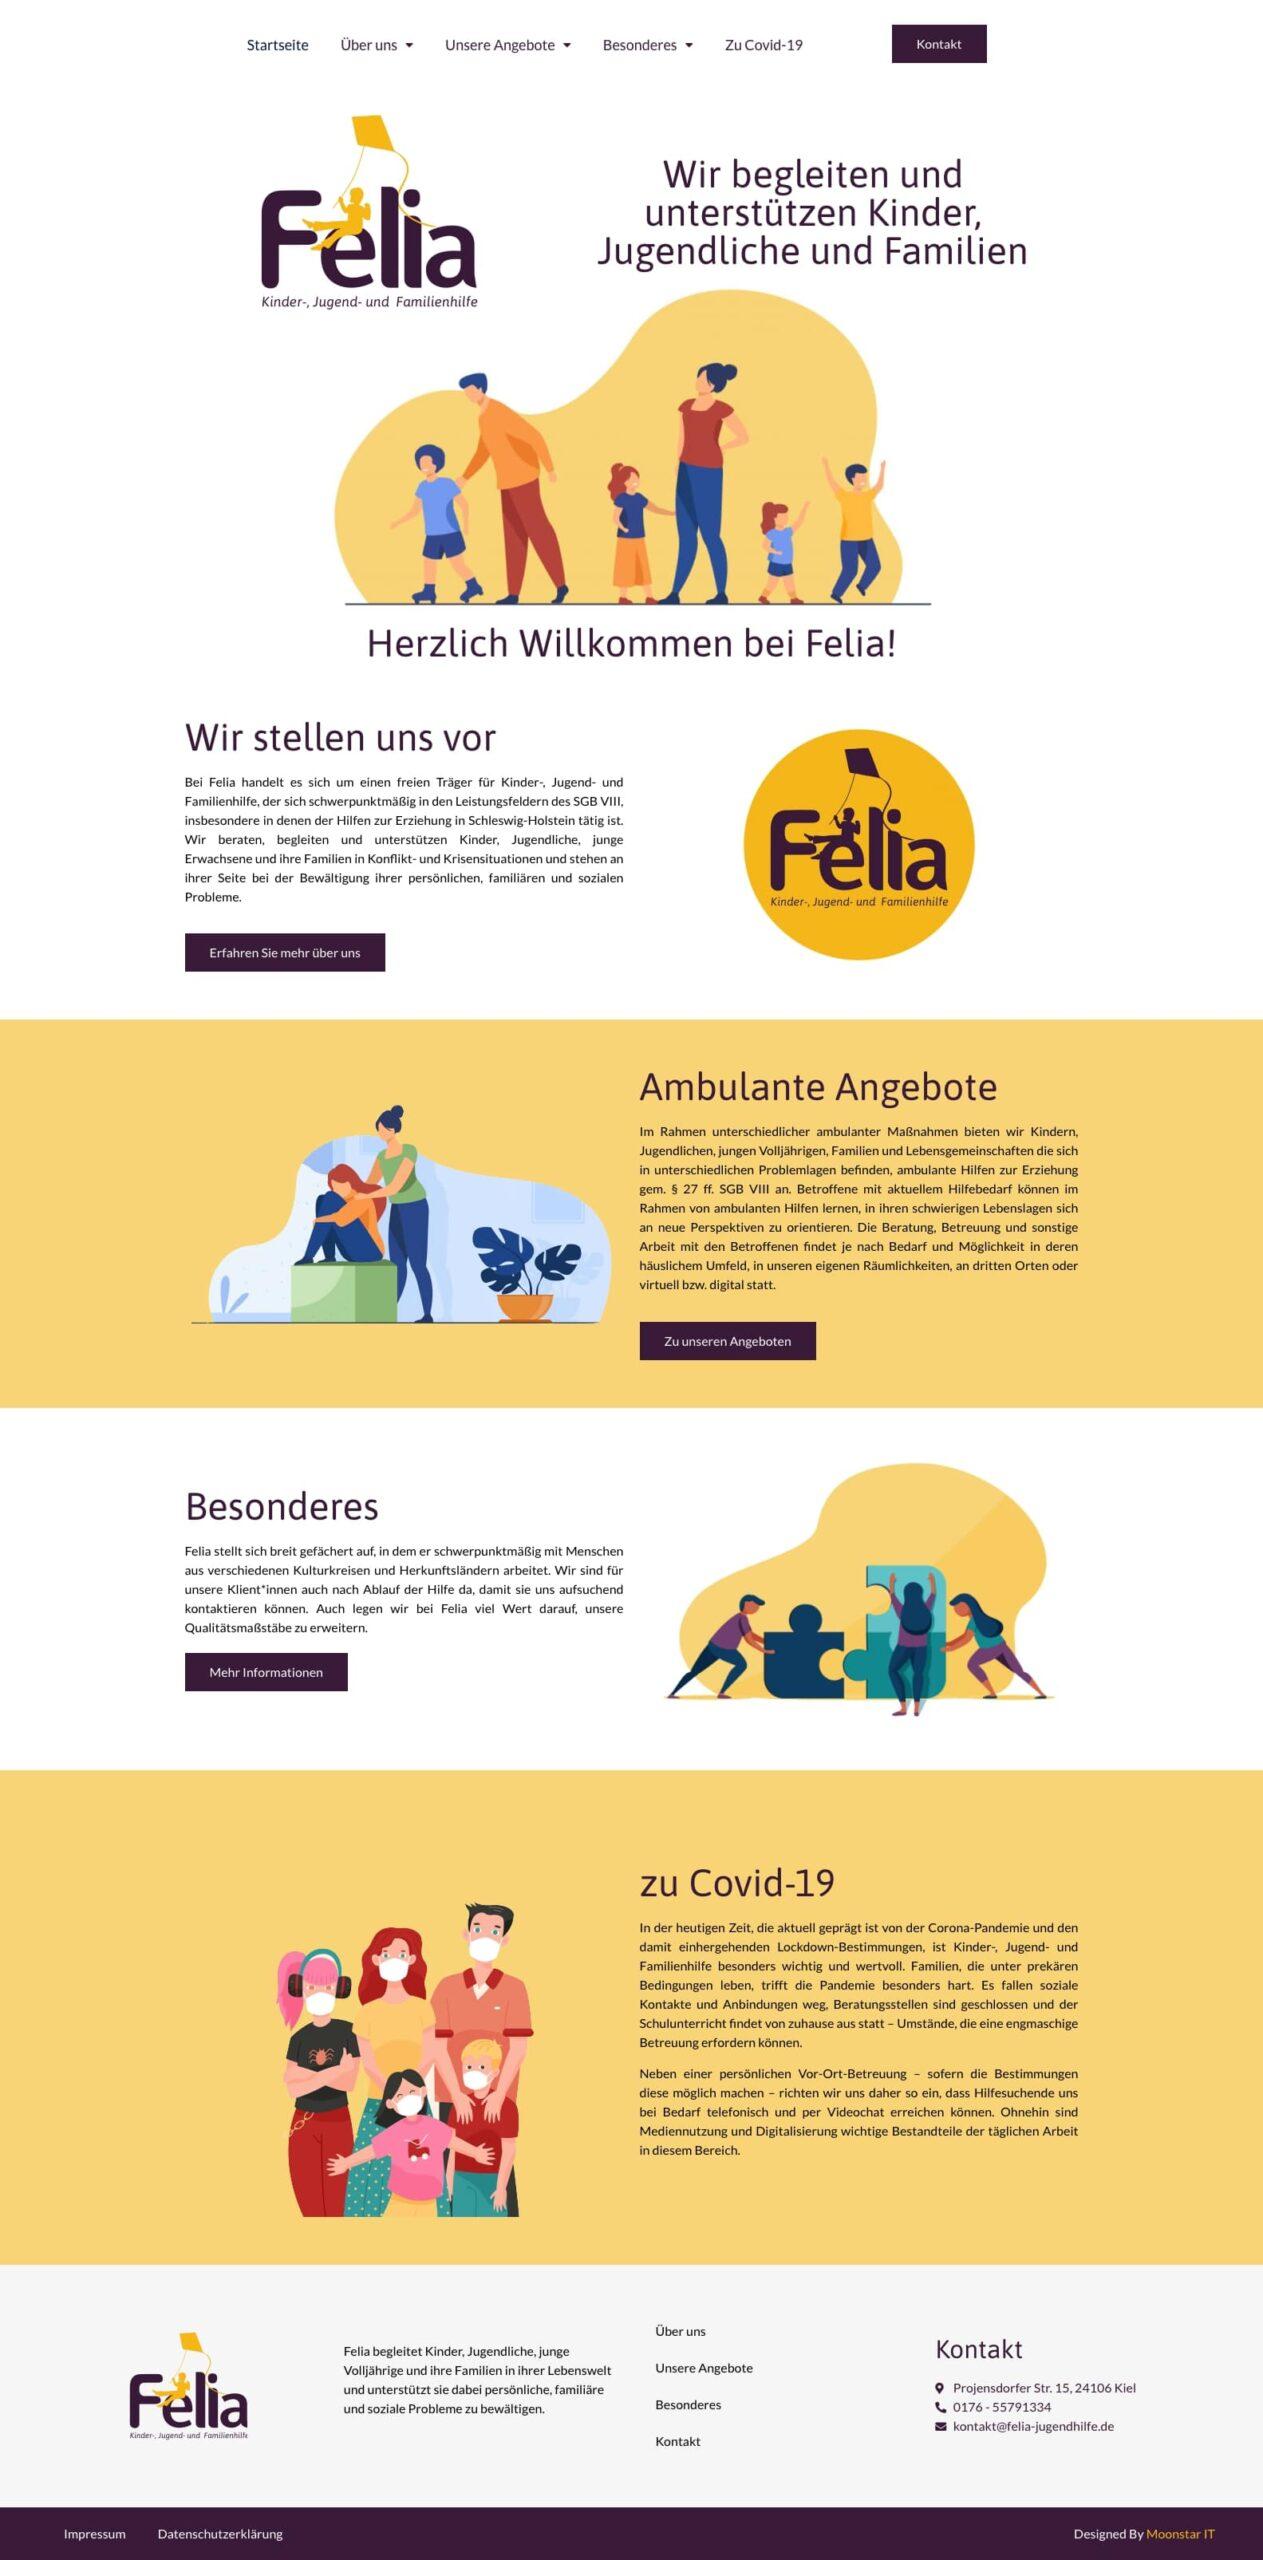 Webseite von Felia-Jugendhilfe